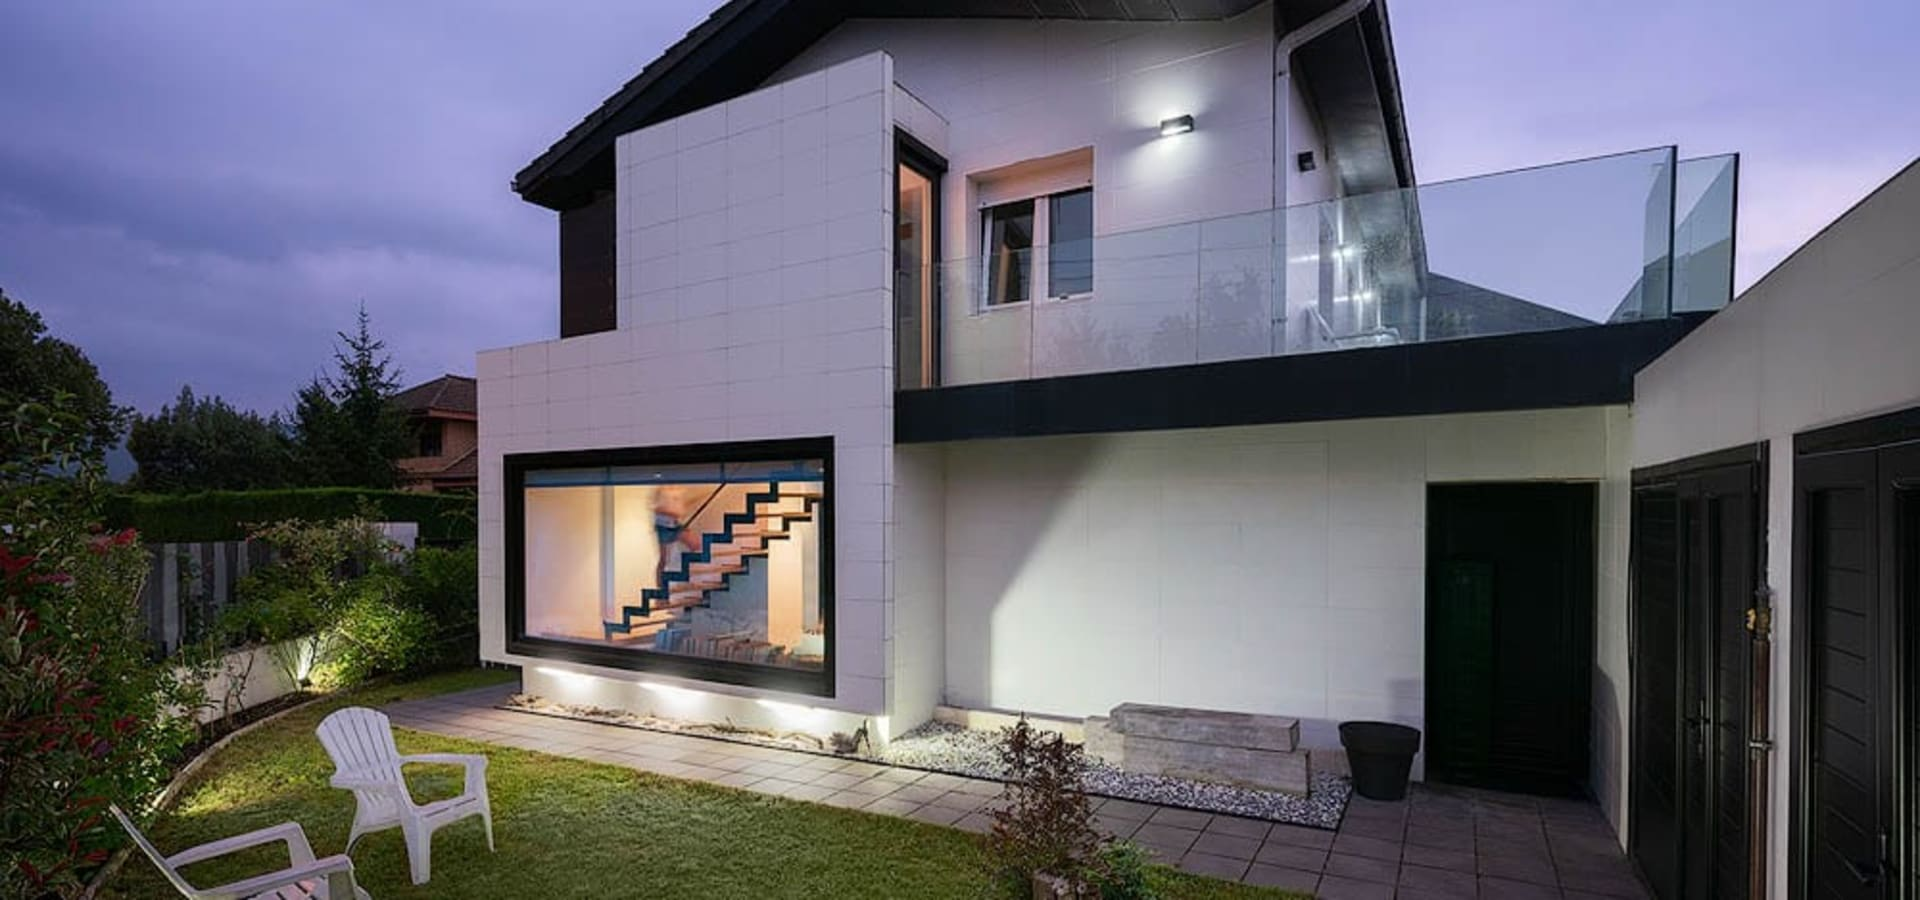 arQmonia estudio, Arquitectos de interior, Asturias